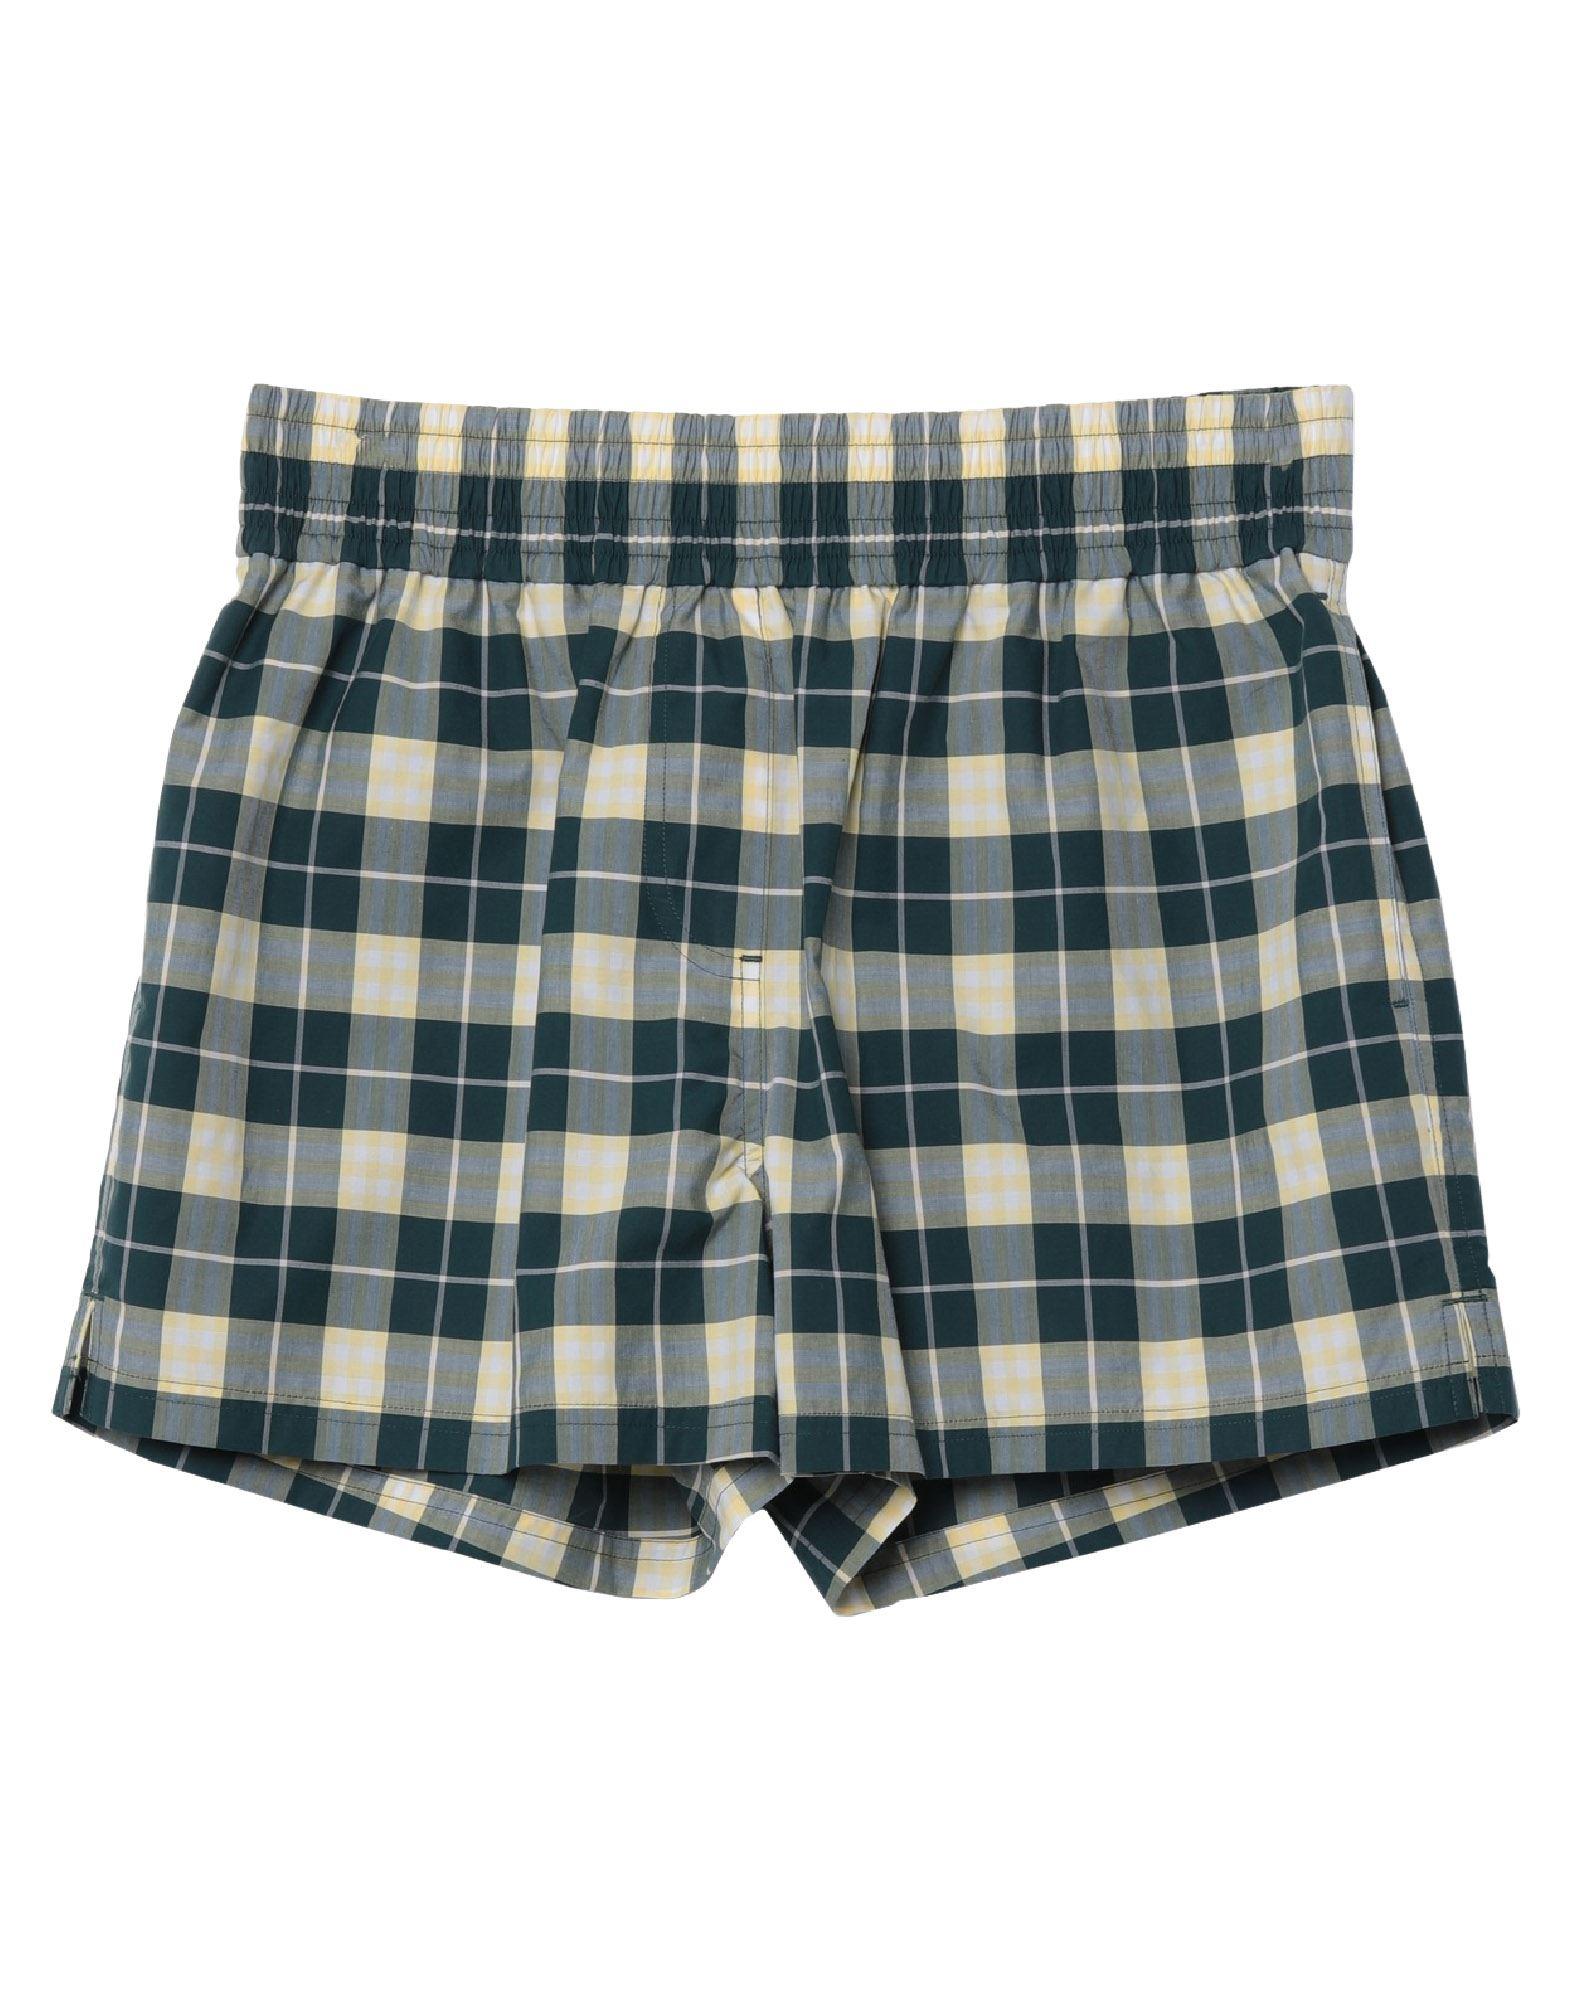 Фото - BURBERRY Повседневные шорты шорты burberry 8010135 размер 6m 68 pale mint